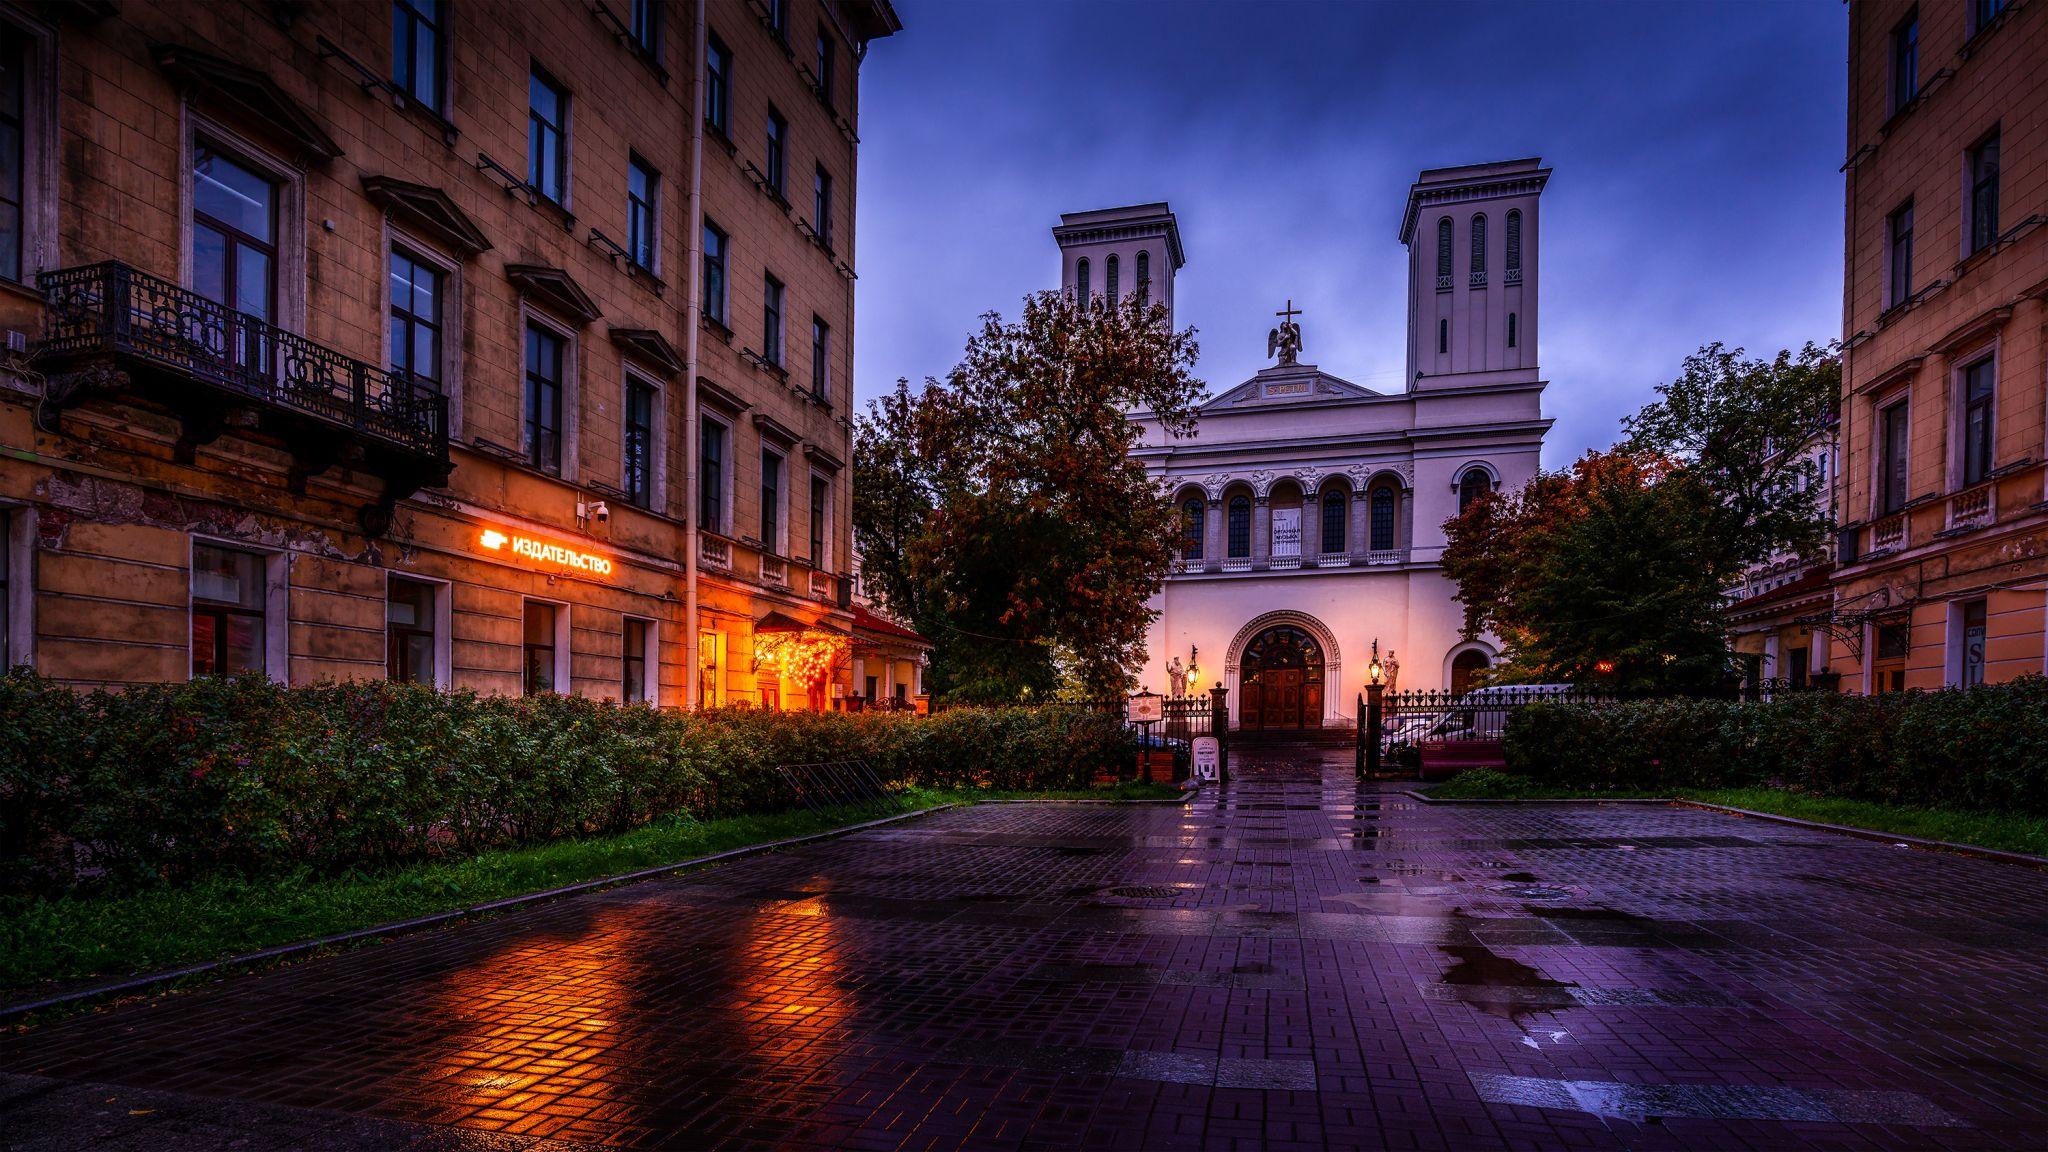 Saint Peter's Church on Nevsky Prospekt, Russian Federation